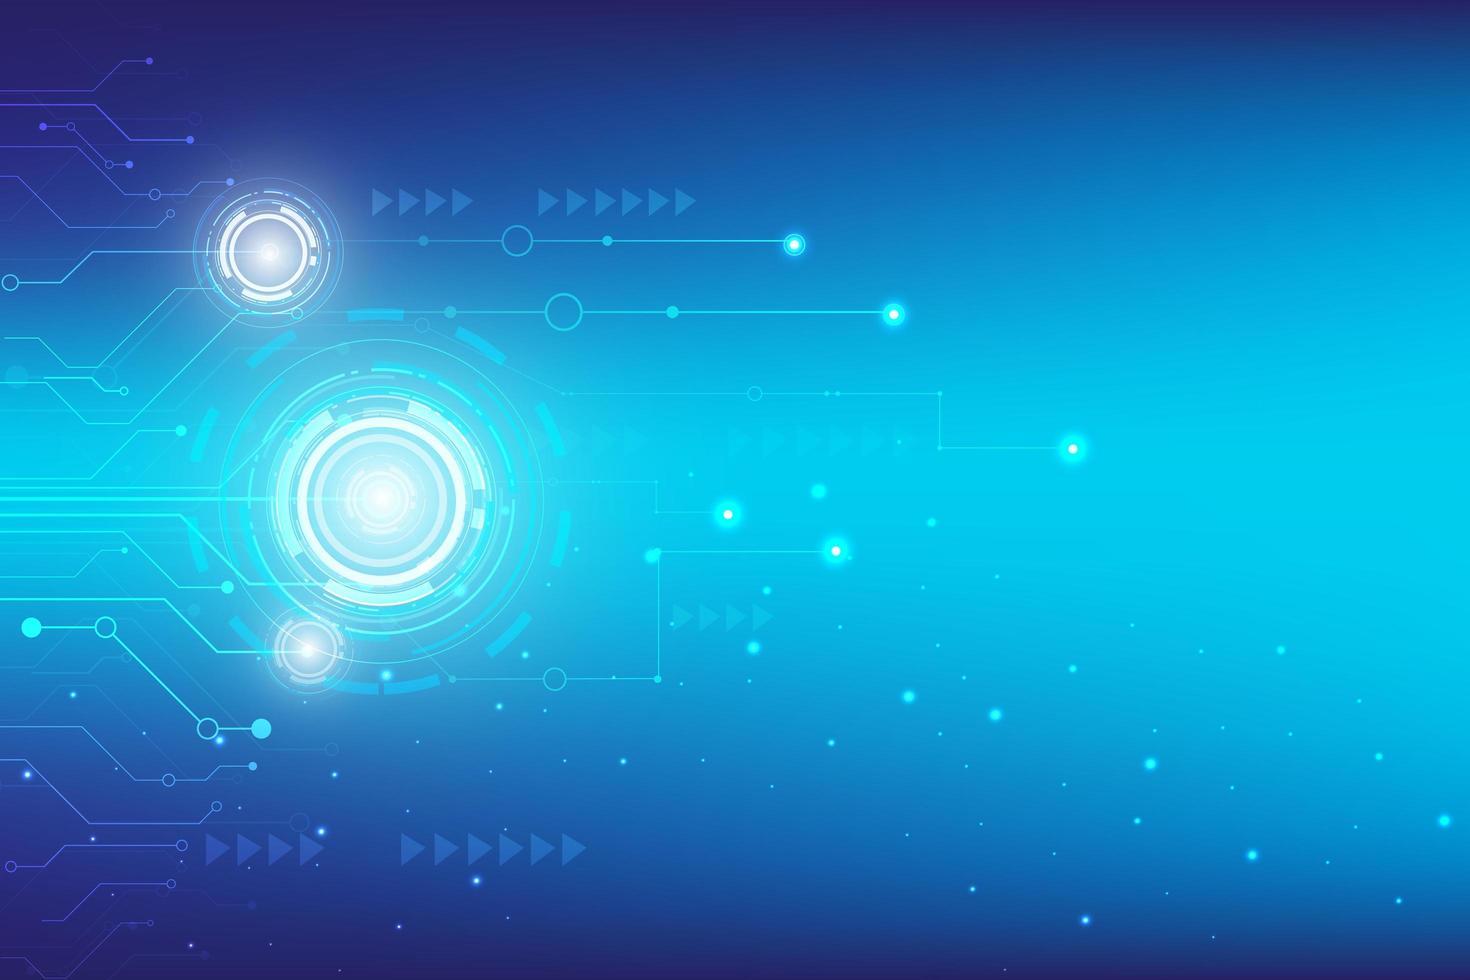 fond bleu hi-tech numérique avec design hud vecteur